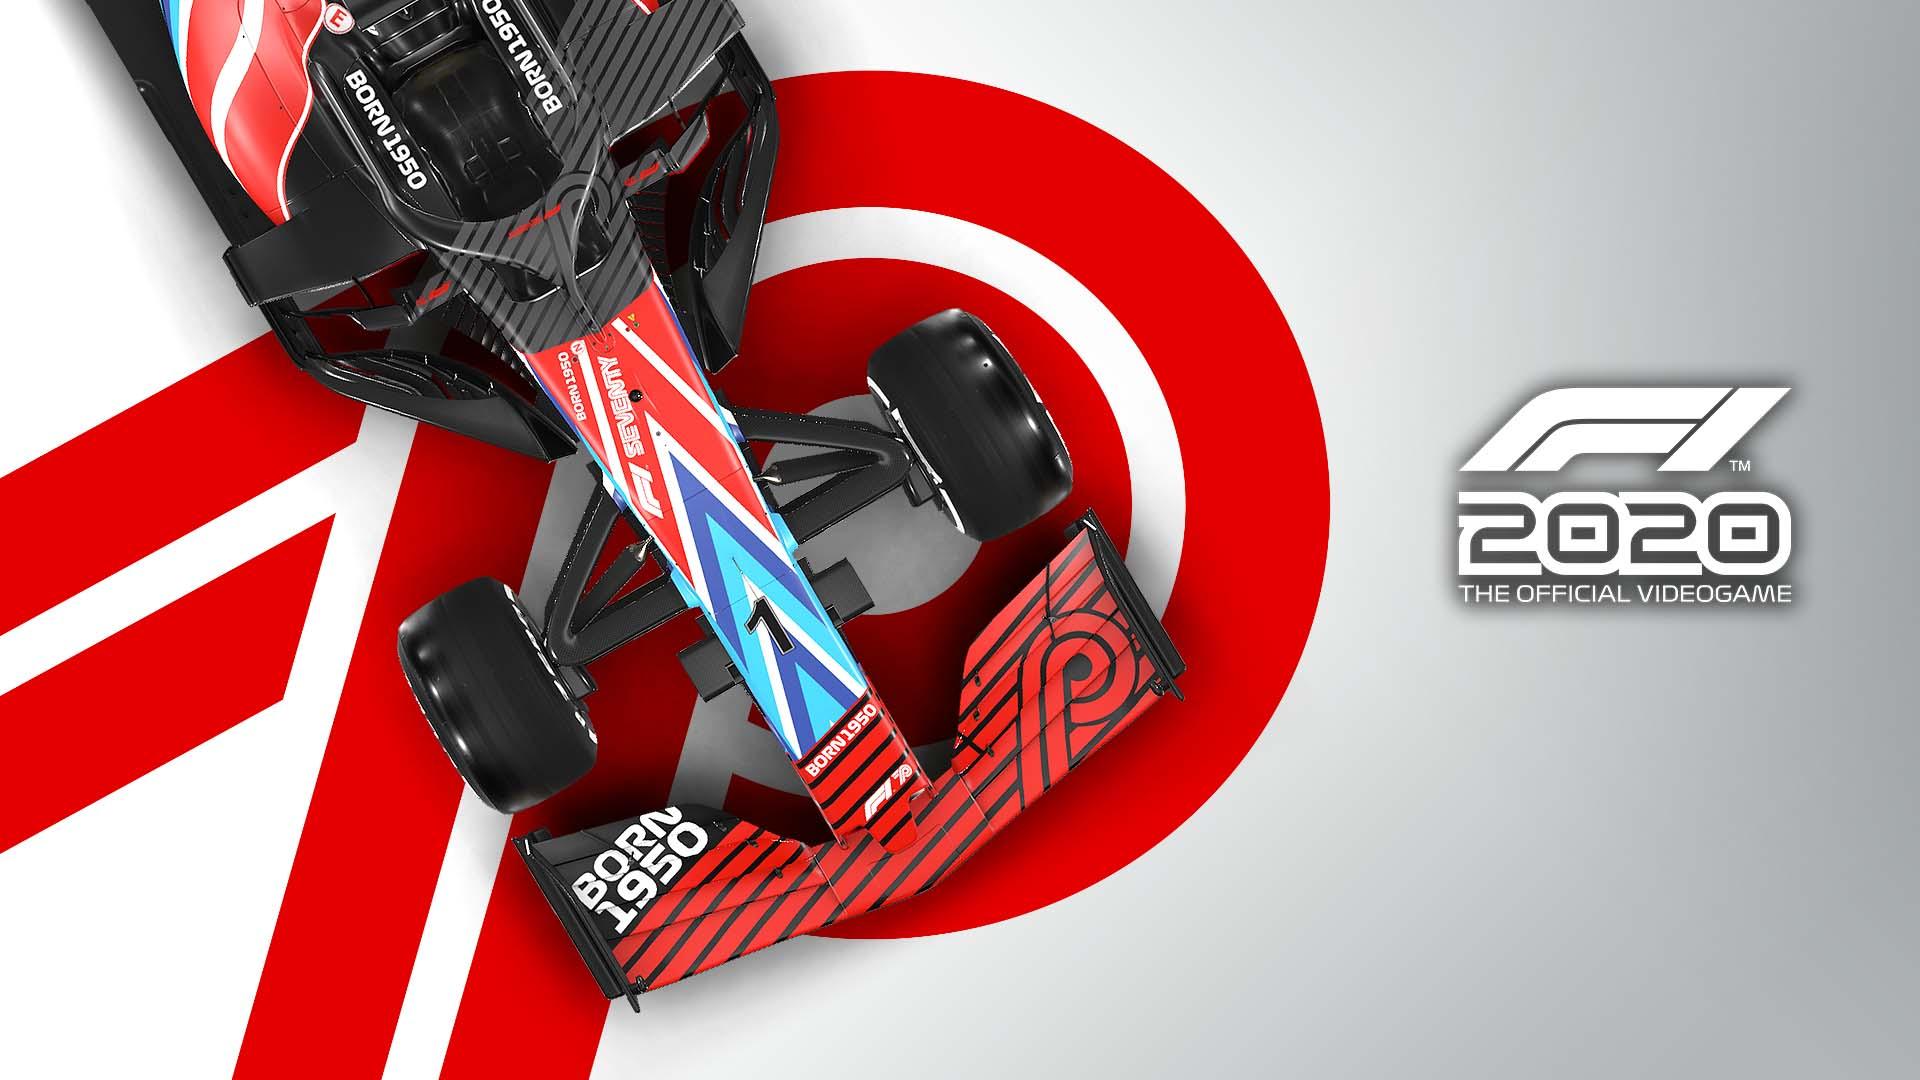 Codemasters hizo oficial la fecha de lanzamiento de F1 2020 y publicó un nuevo trailer